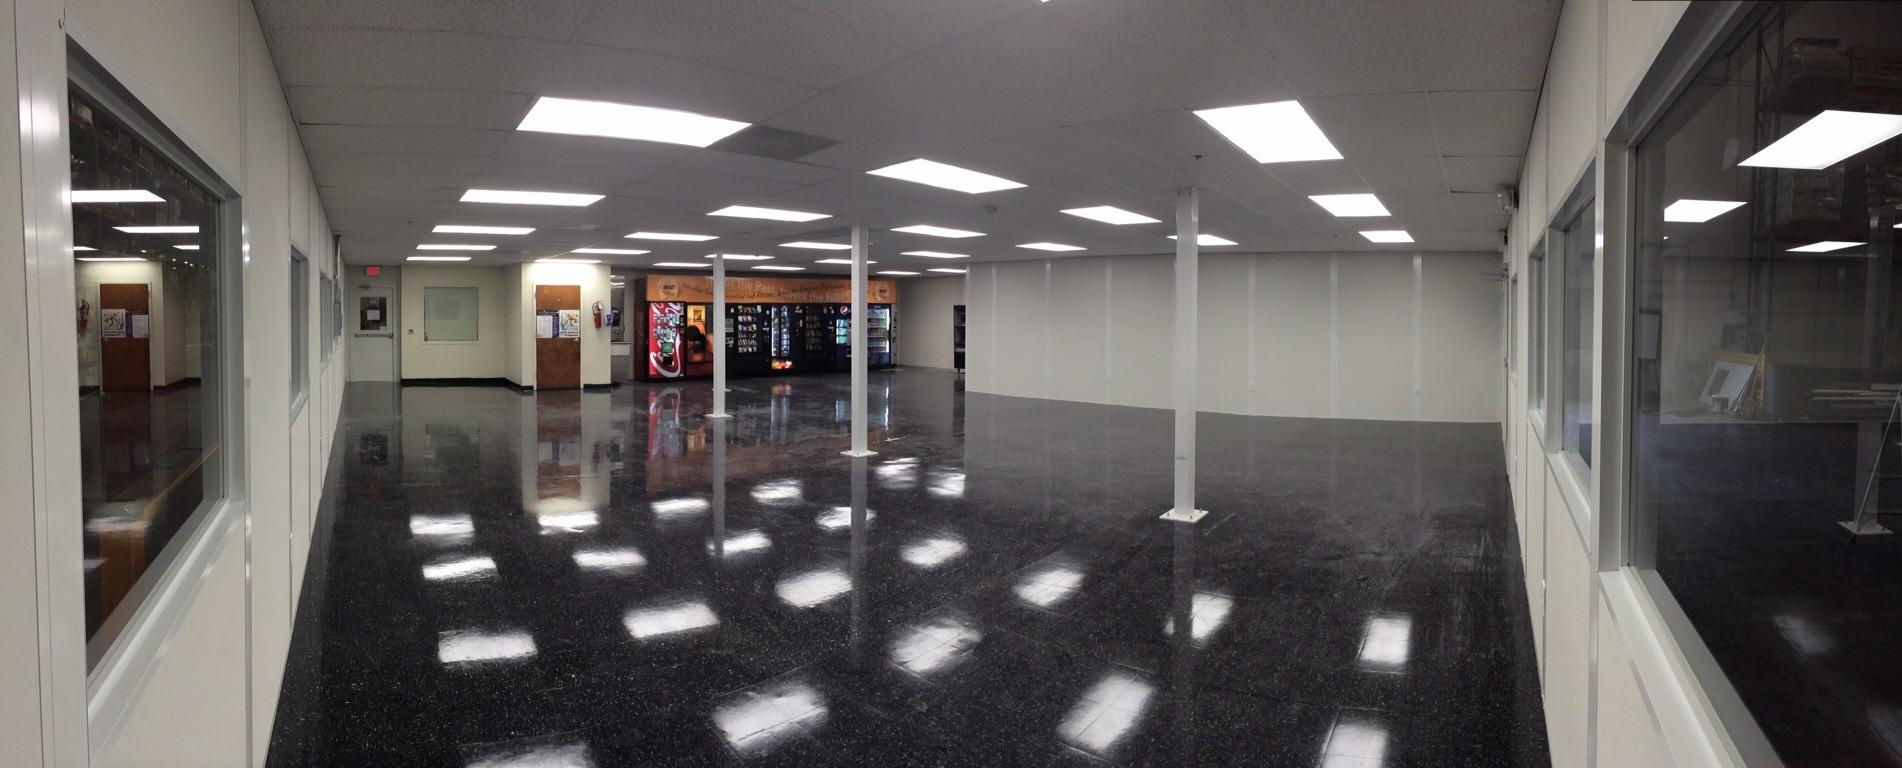 Warehouse Breakroom